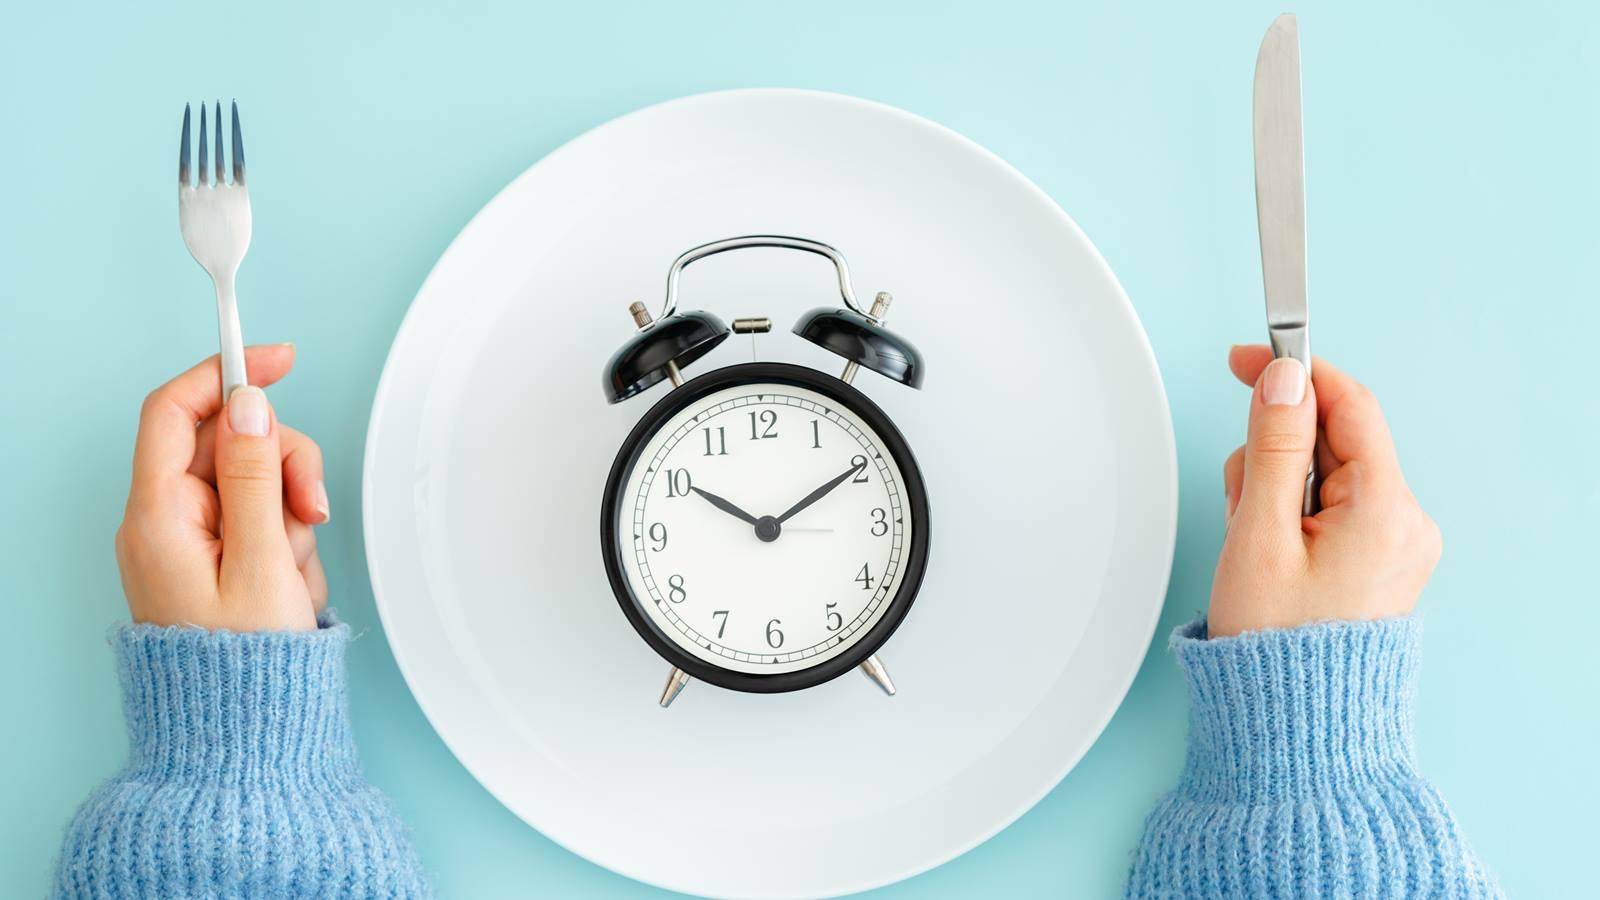 Интервальное питание: в чем его польза и насколько оно эффективно - фото 1